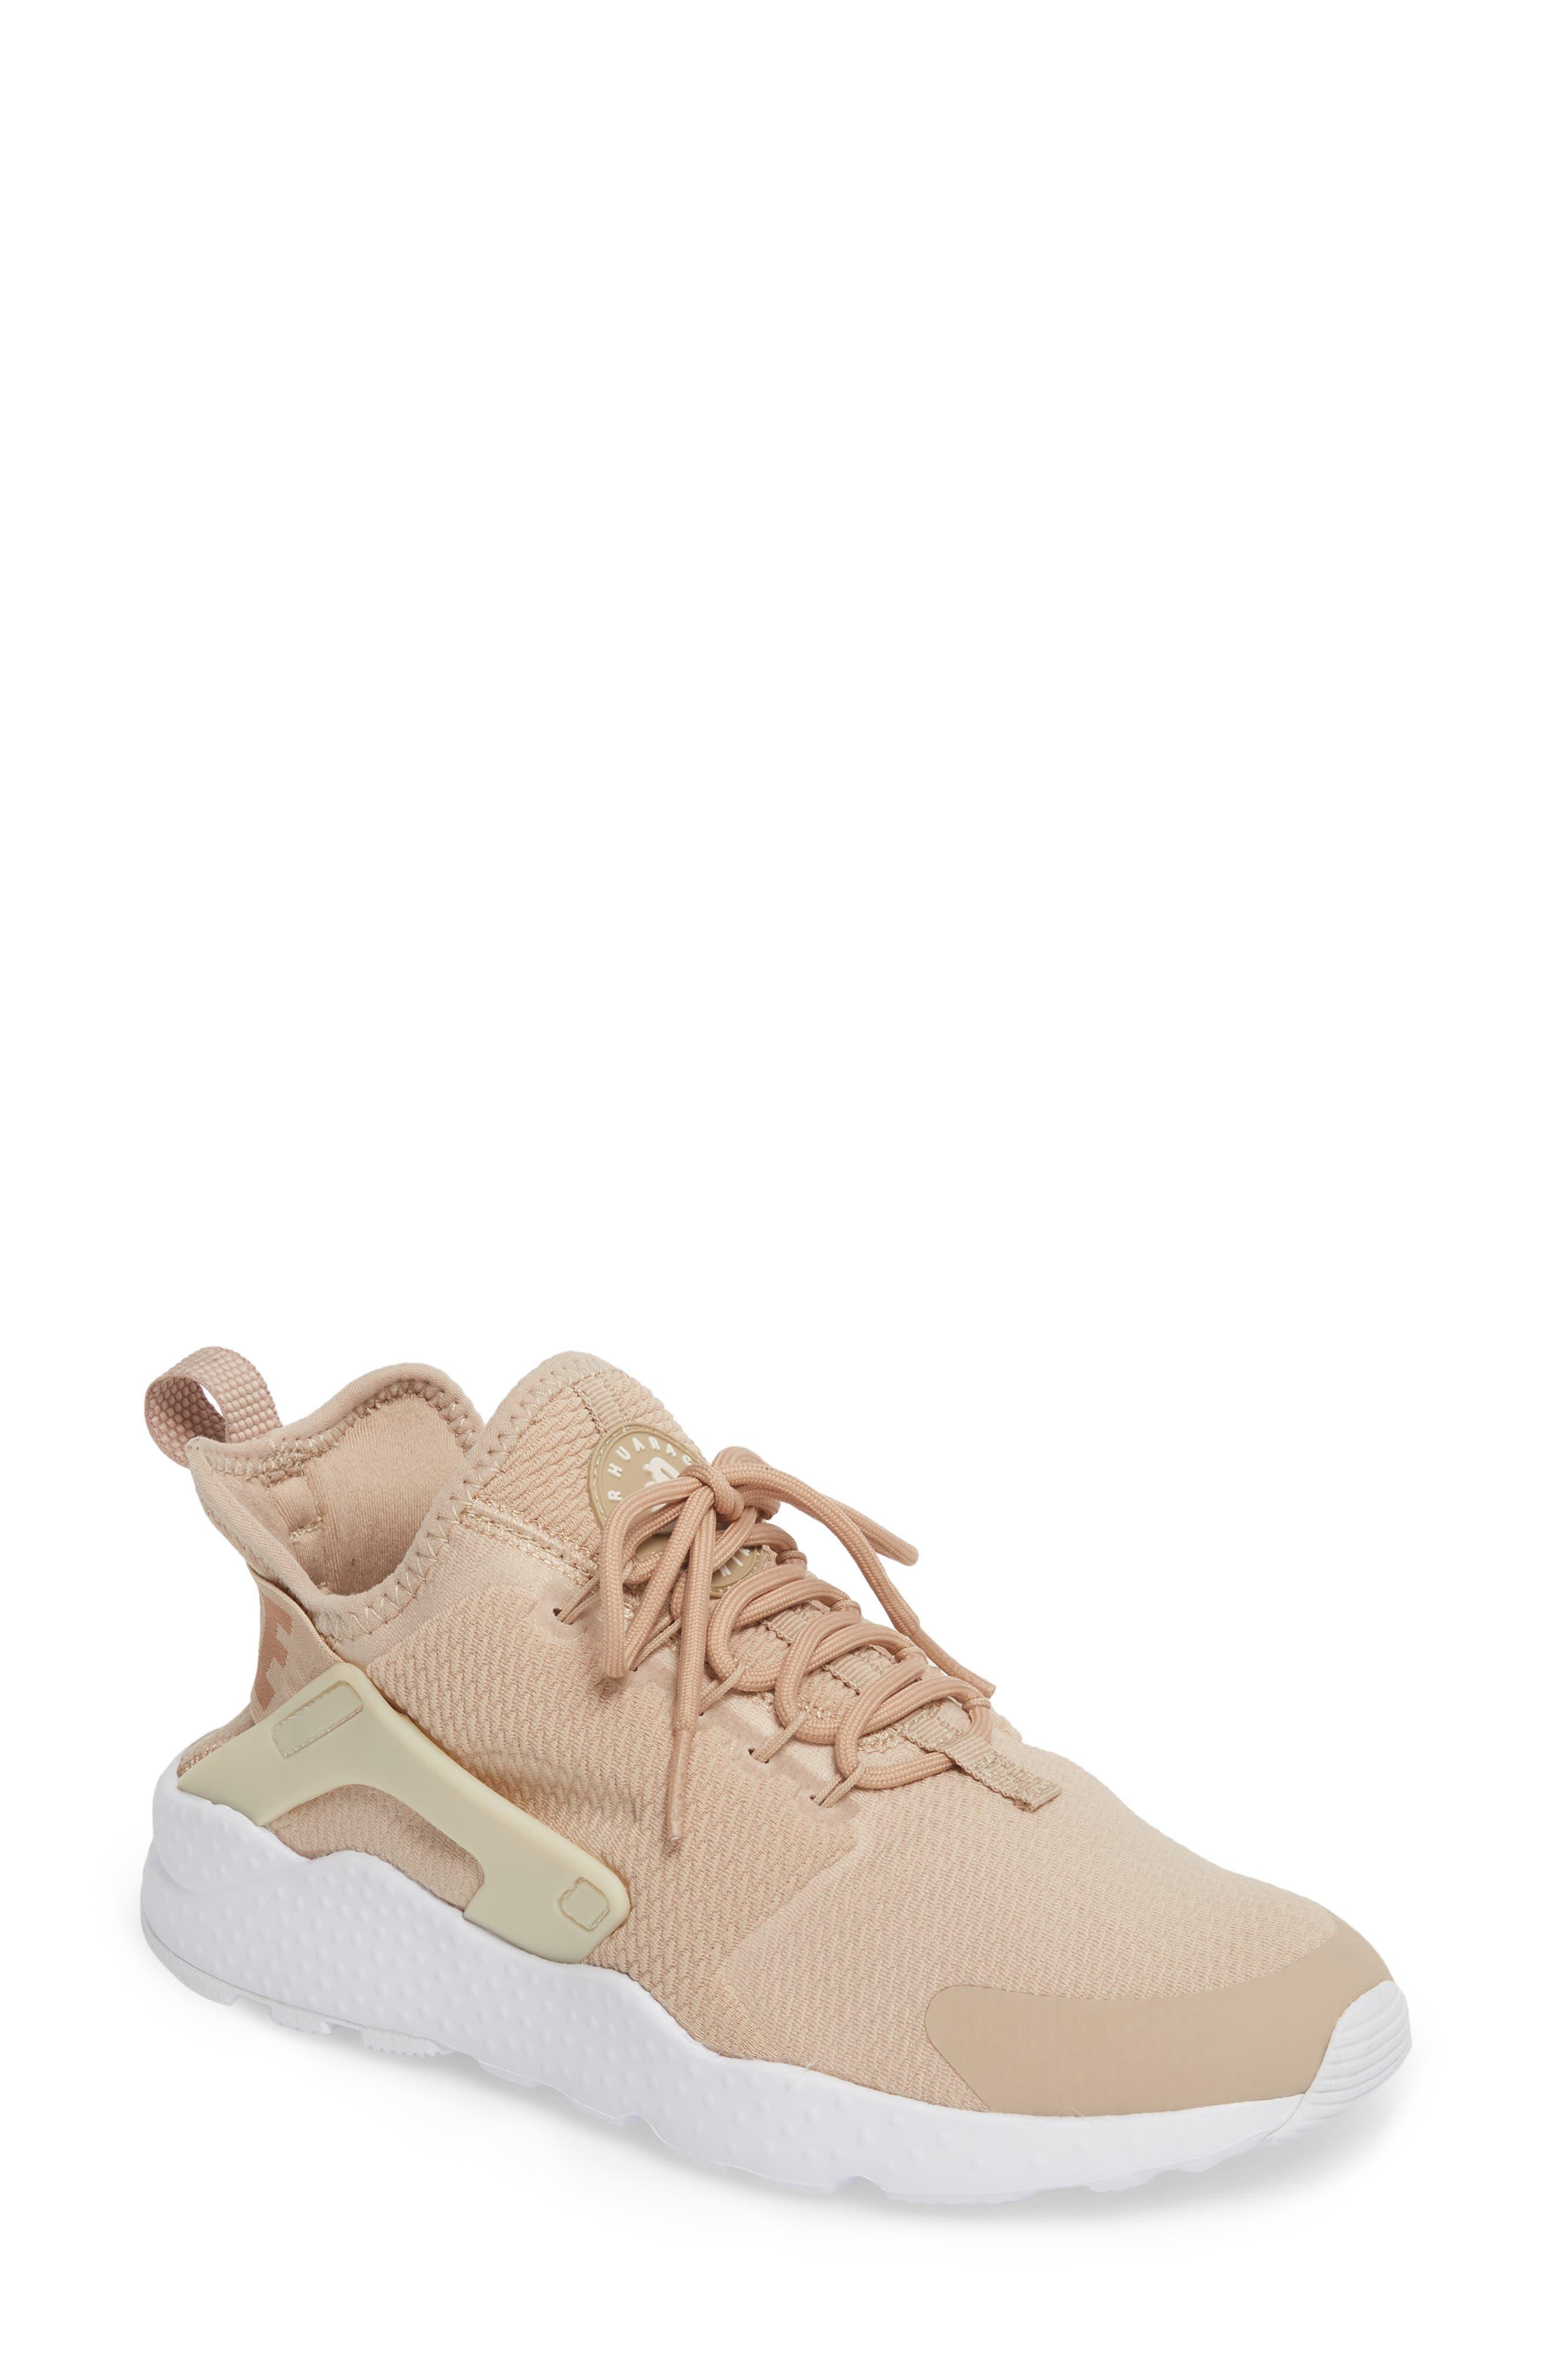 Air Huarache Sneaker,                             Main thumbnail 2, color,